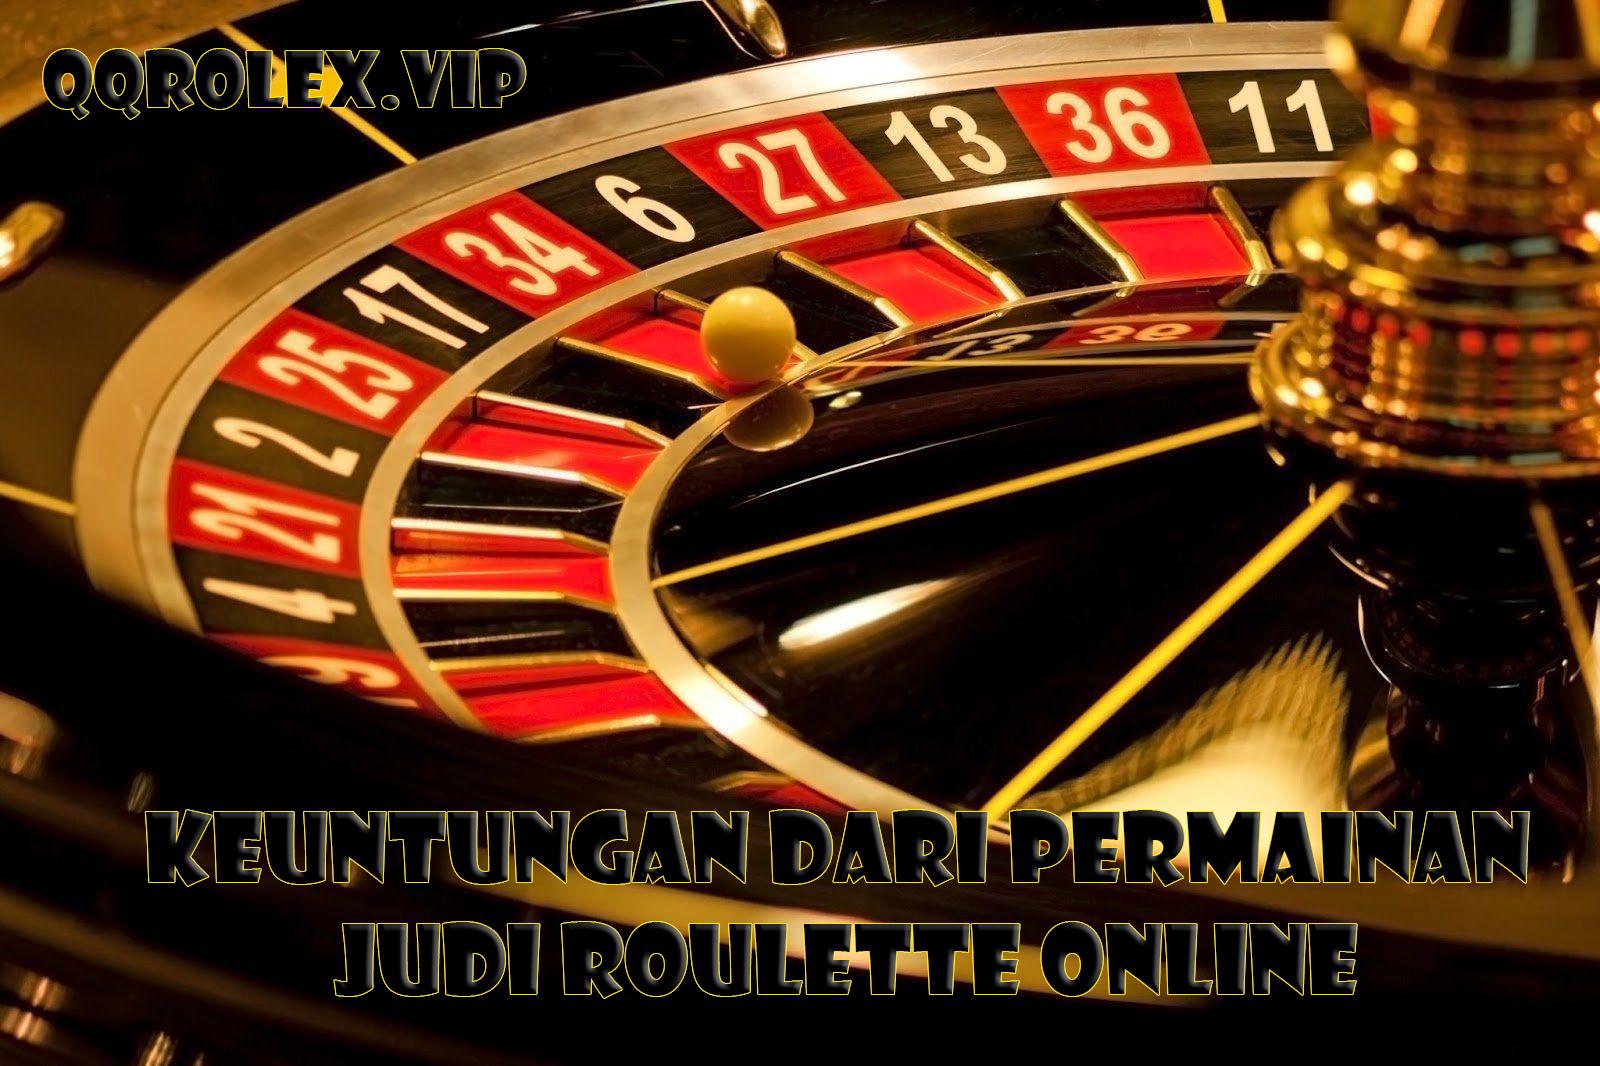 Keuntungan Dari Permainan Judi Roulette Online